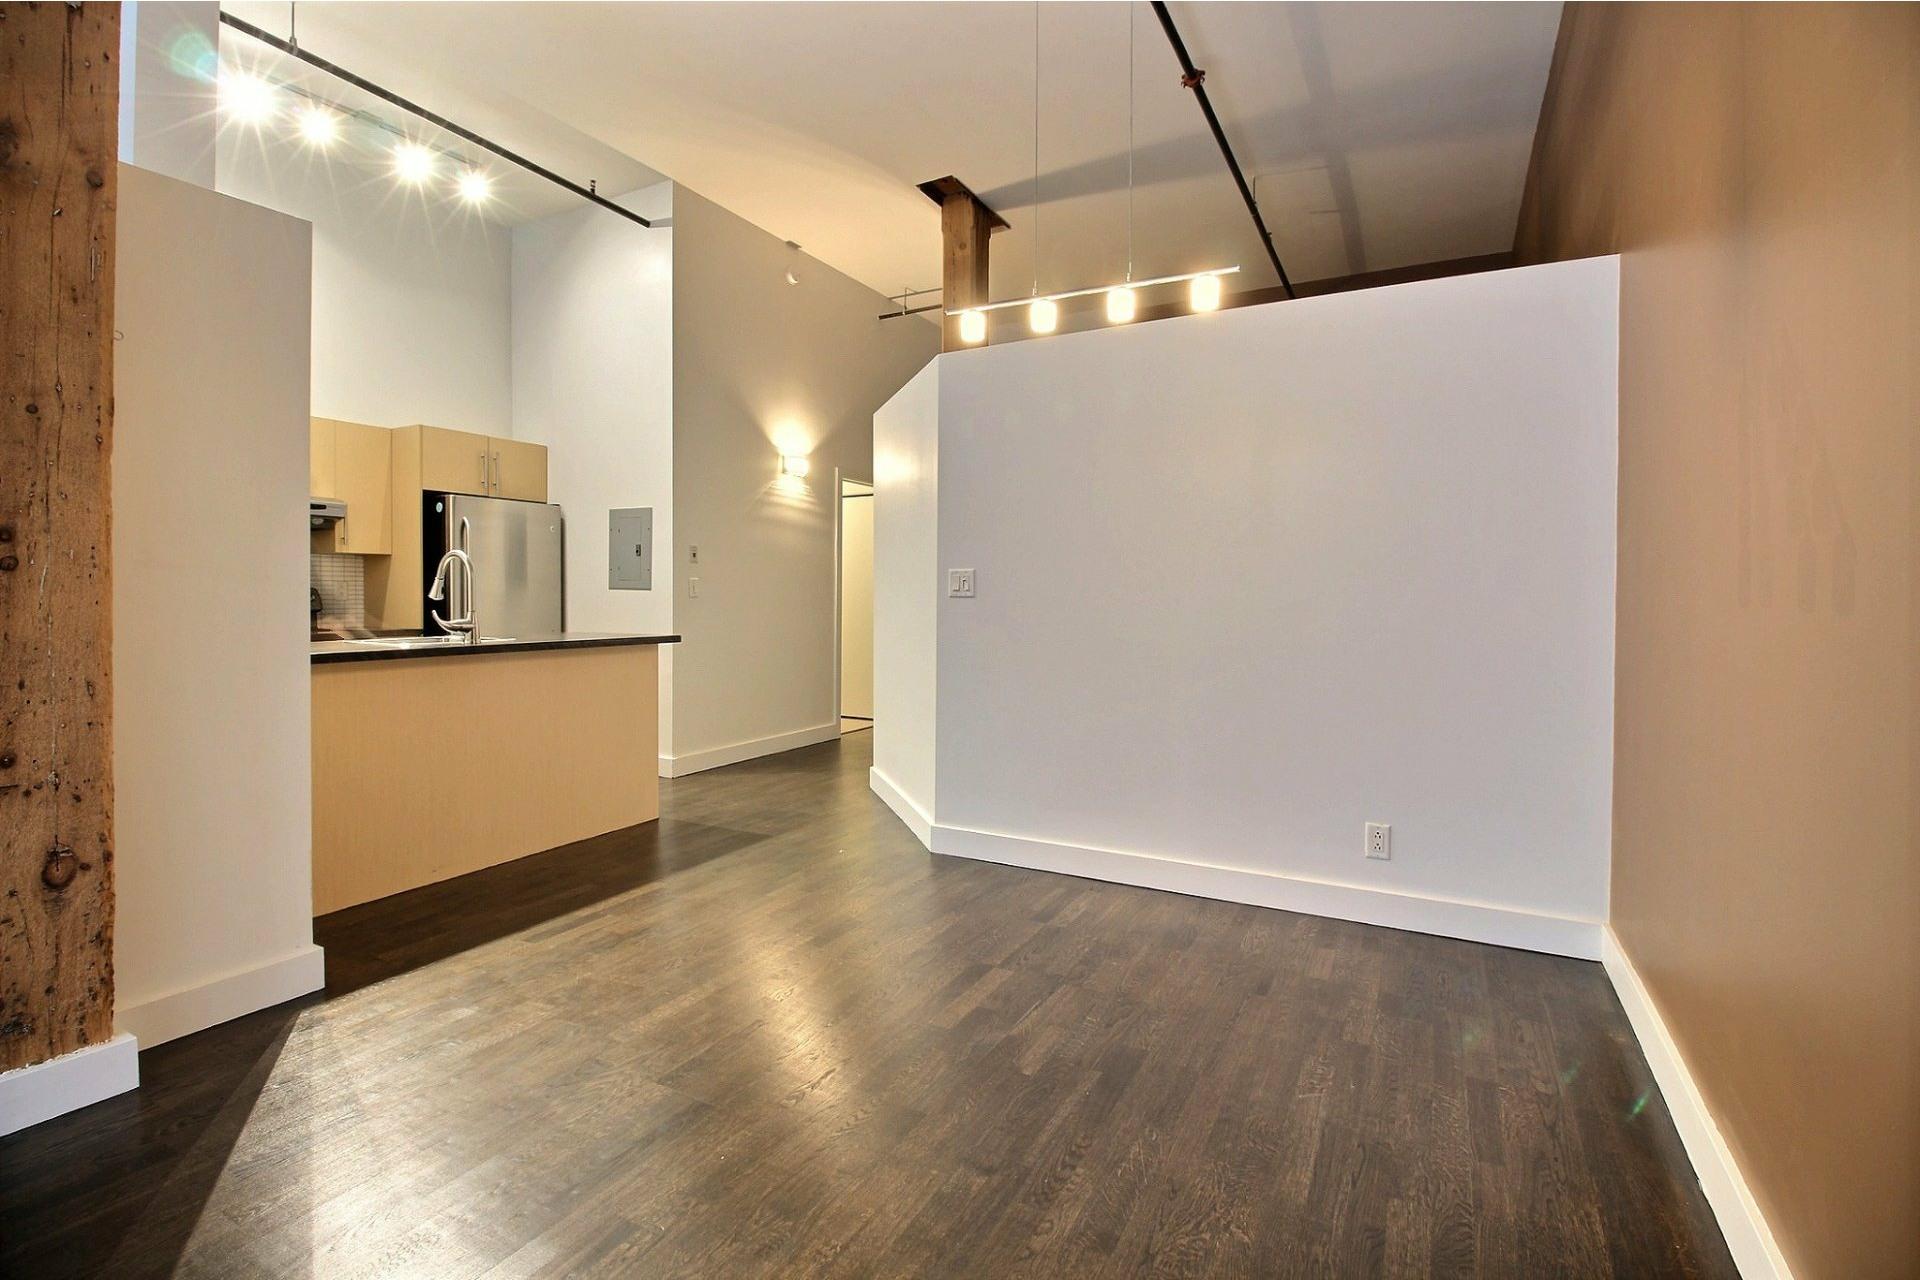 image 10 - Apartment For rent Mercier/Hochelaga-Maisonneuve Montréal  - 6 rooms